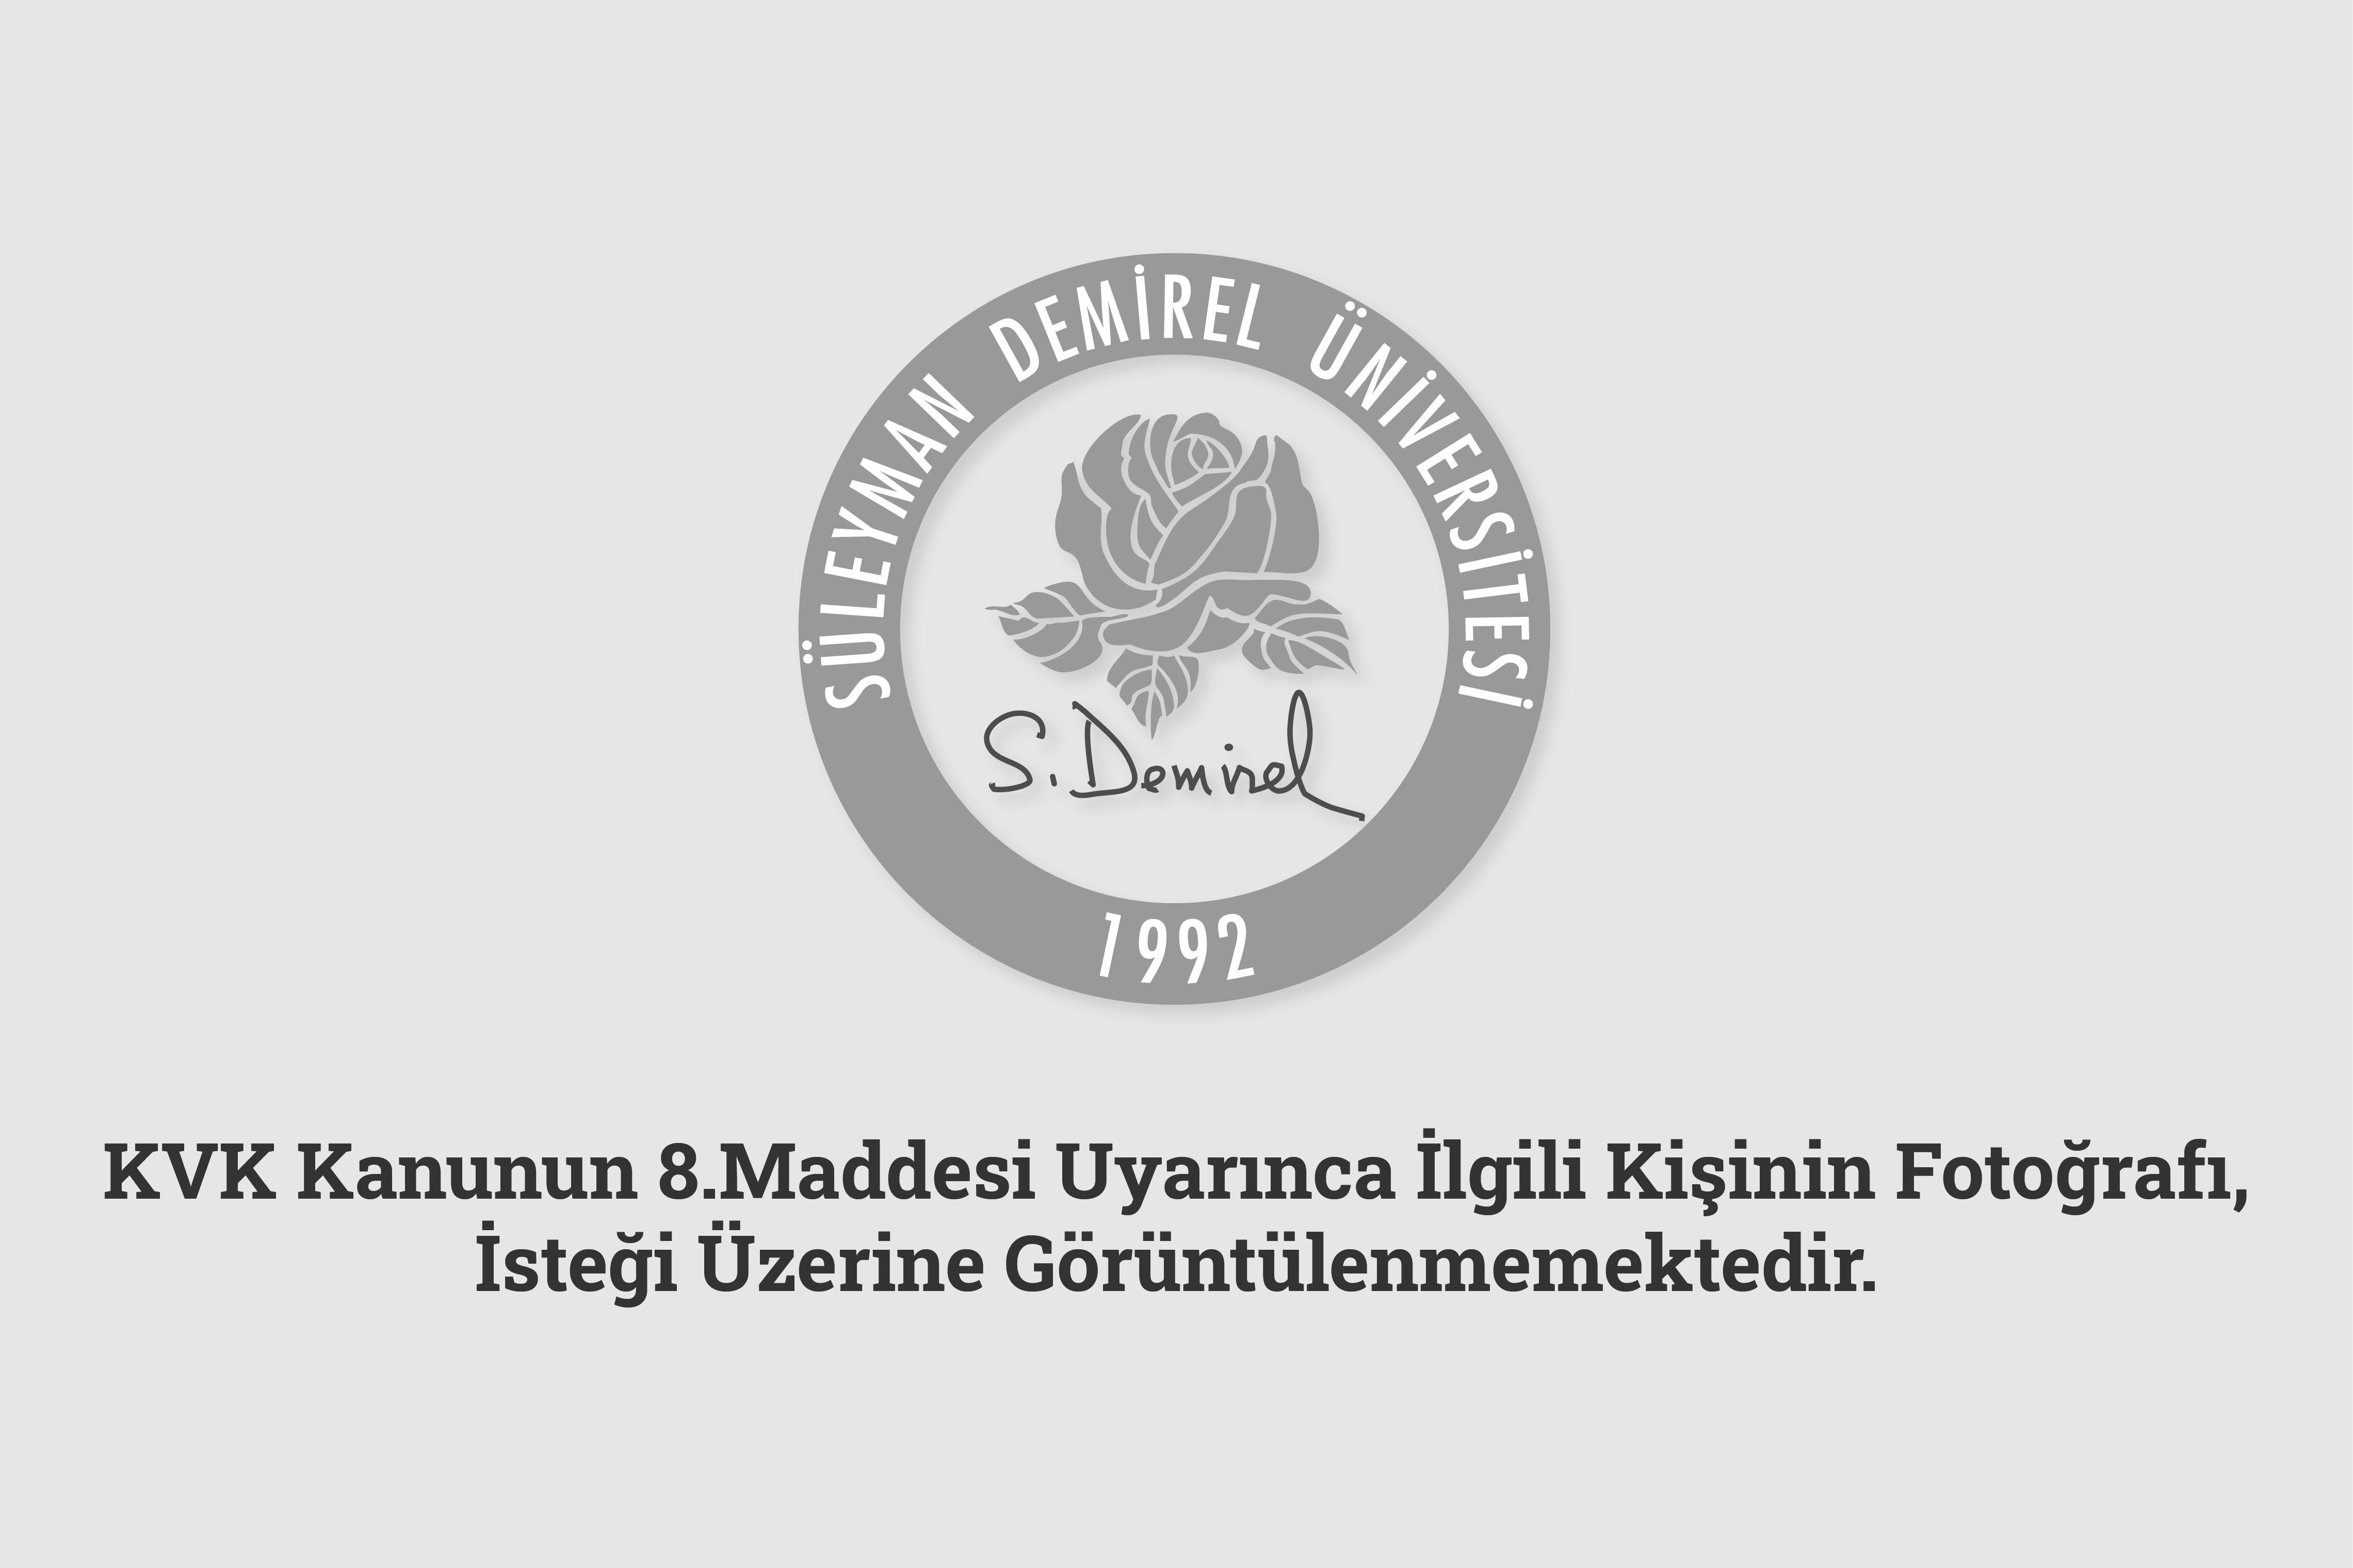 Mustafa Güneş ÖZGÜLEŞ